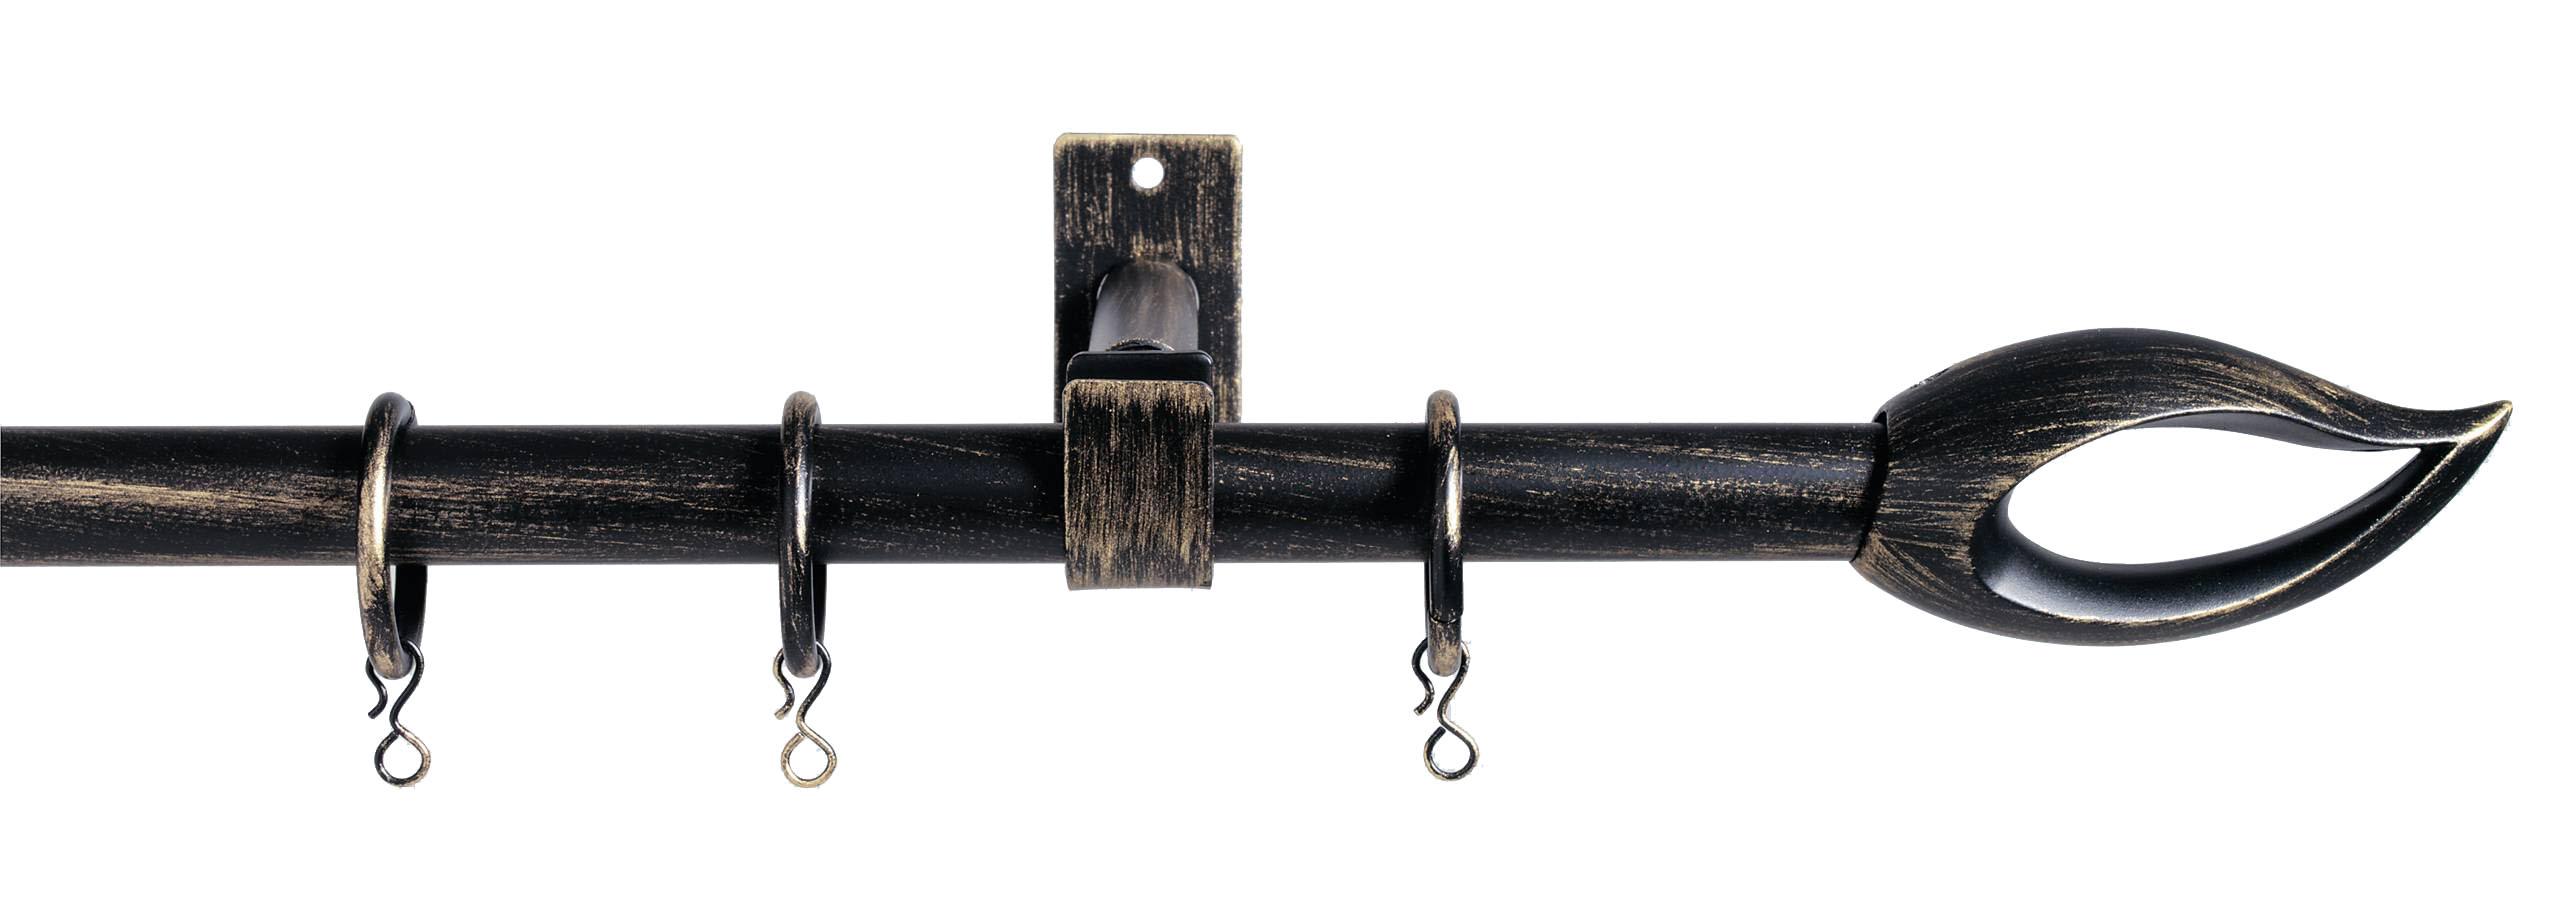 Kit tringle complet flammes ext 200-370 (Noir patiné or)